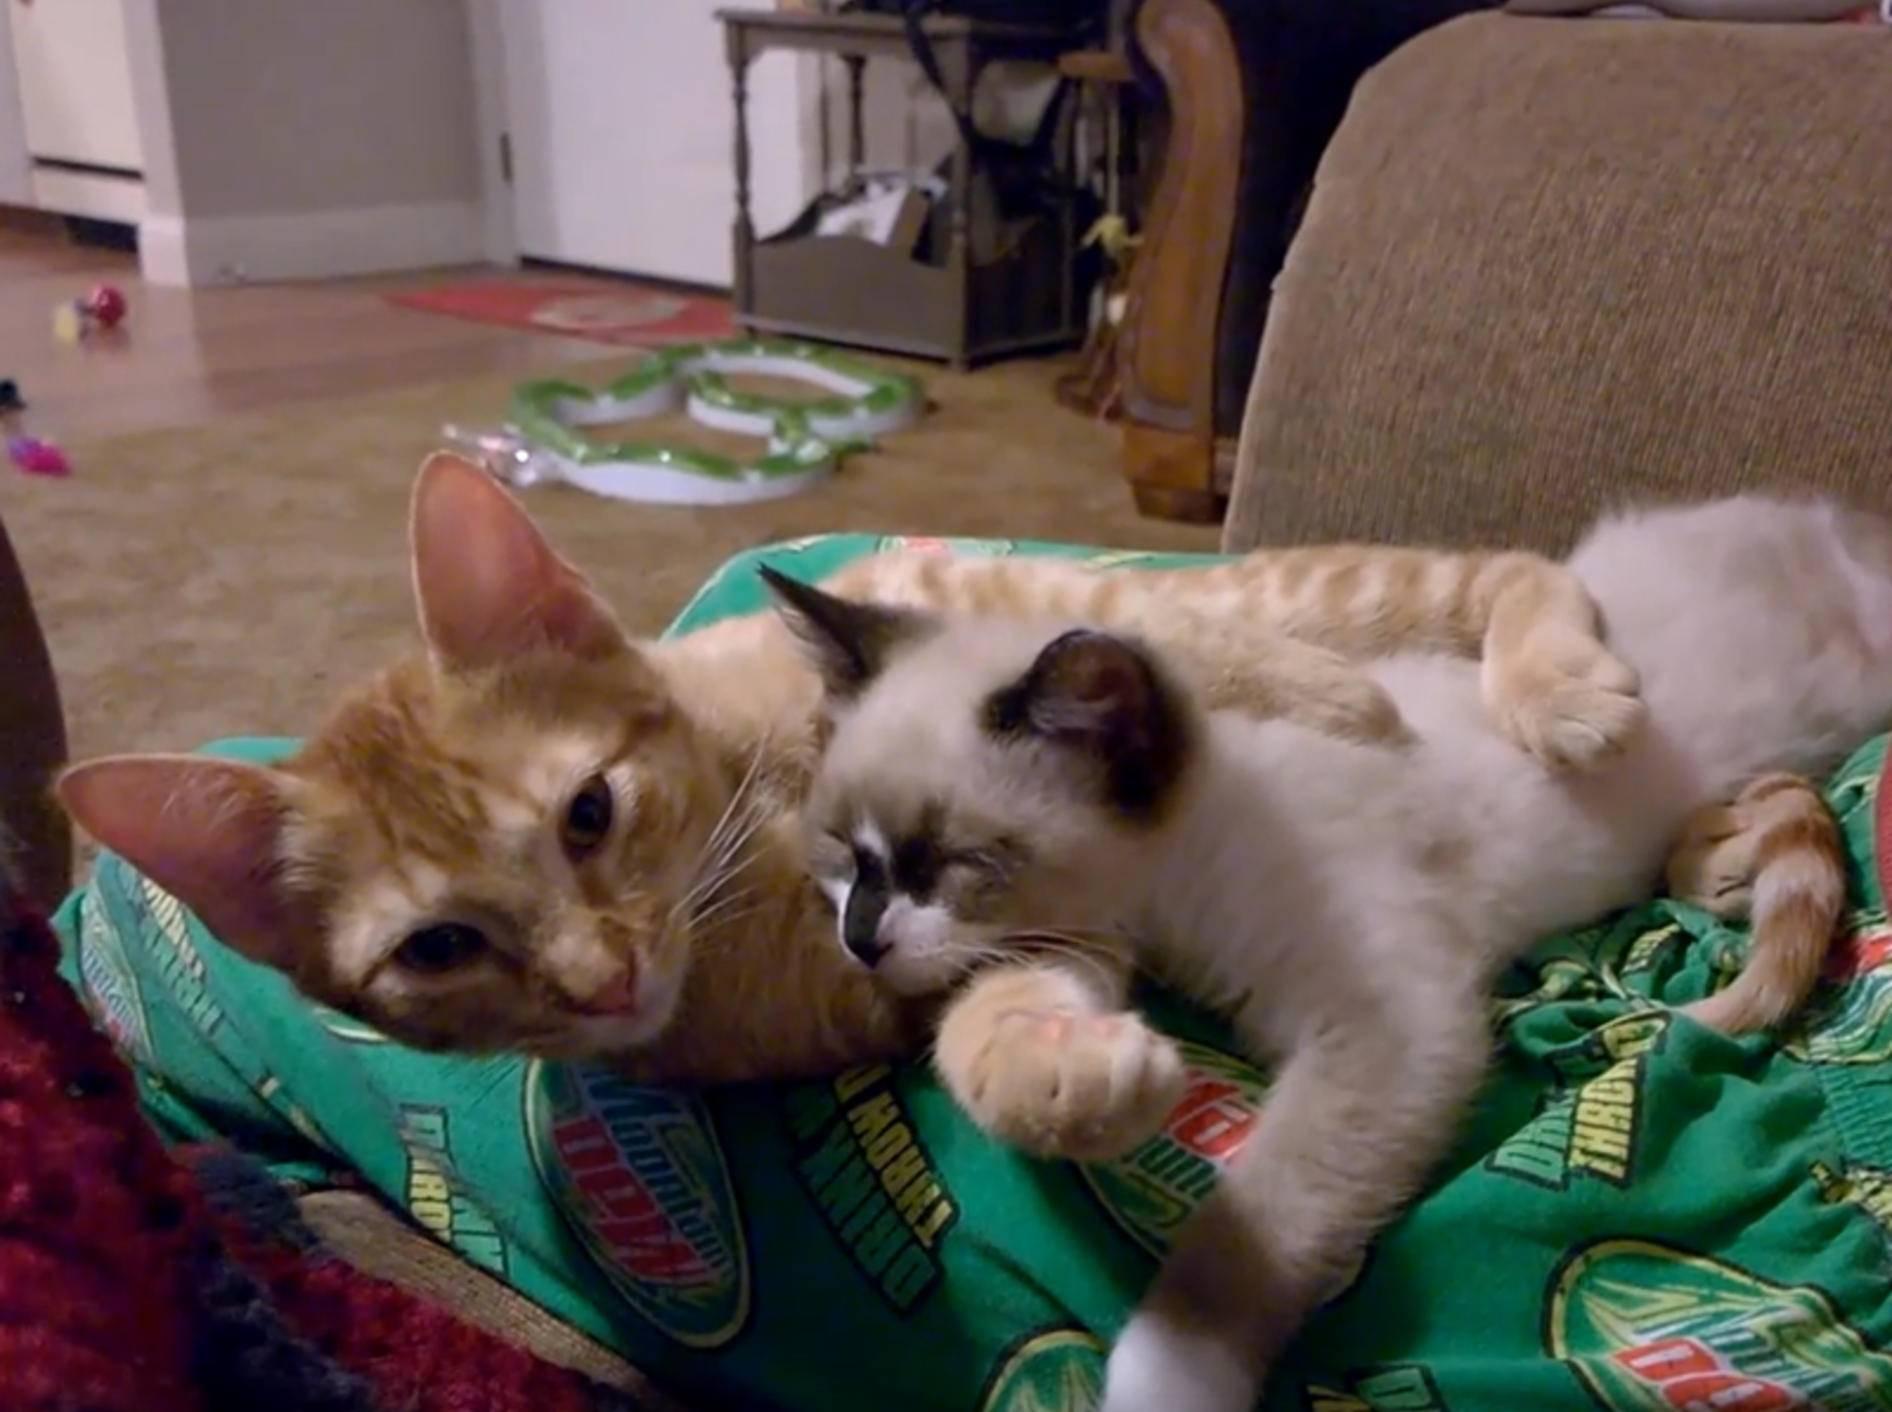 Skidmark und Daenerys: Zwei Katzen verstehen sich prima – YouTube / E511